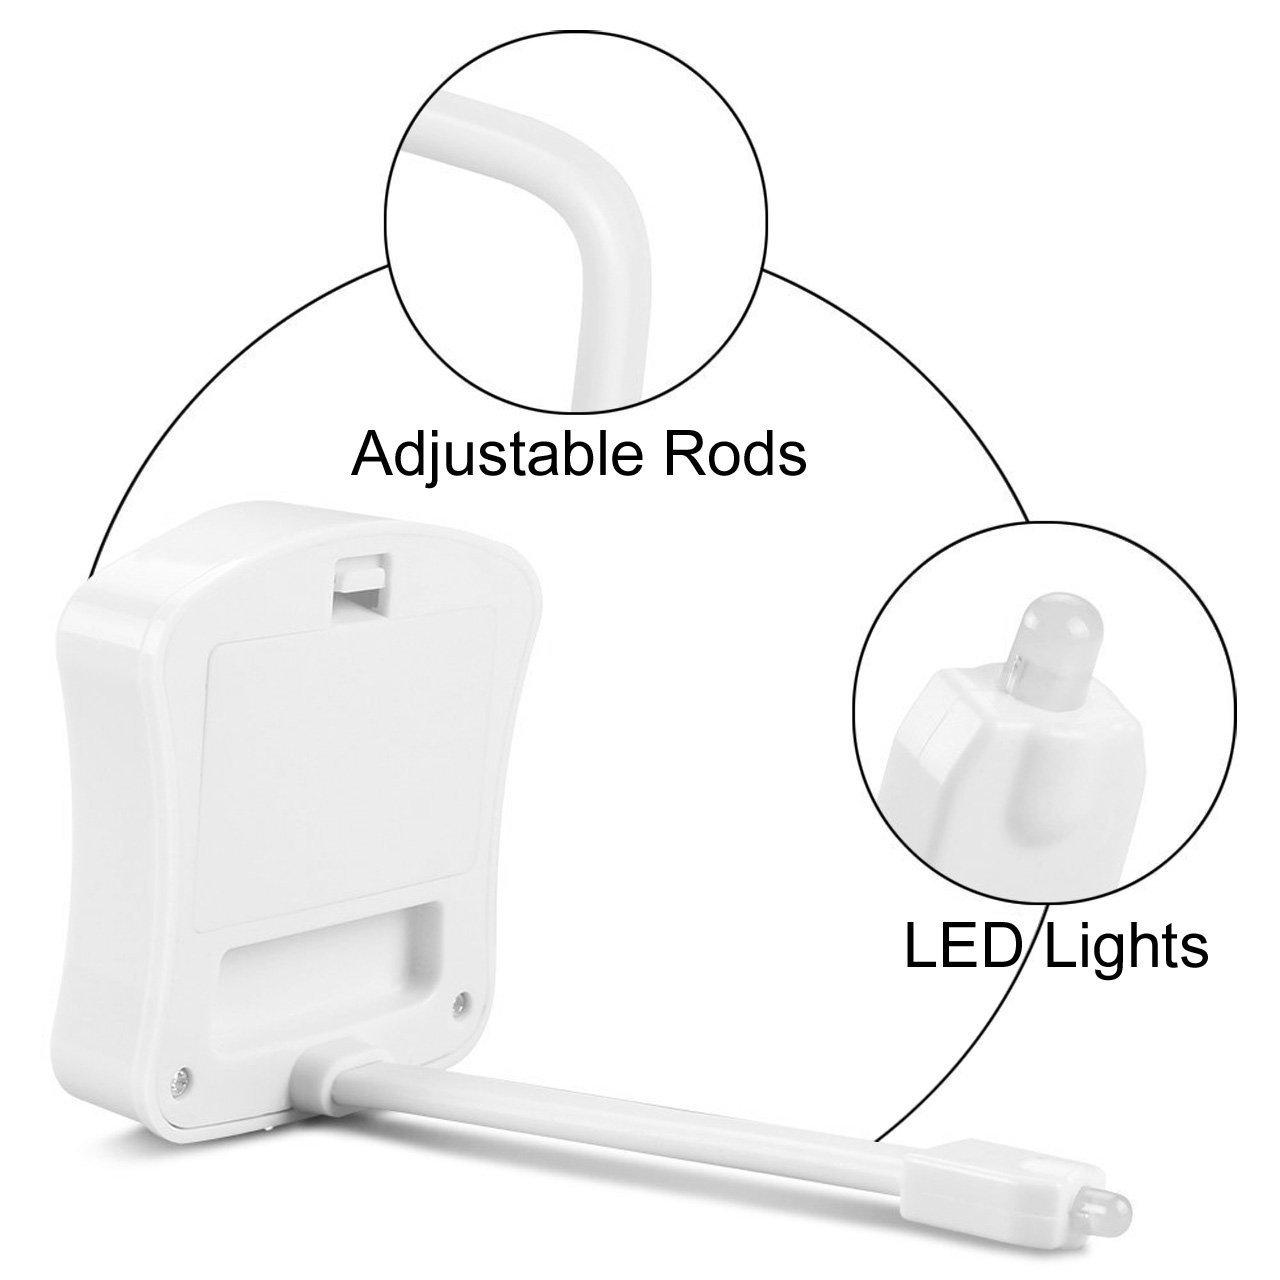 Ewolee WC Luz Nocturna Inodoro - Luz WC Sensor Movimiento Automática, Resistente al Agua para Inodoro/Baño/Aseo(8 Colores Cambios): Amazon.es: Iluminación